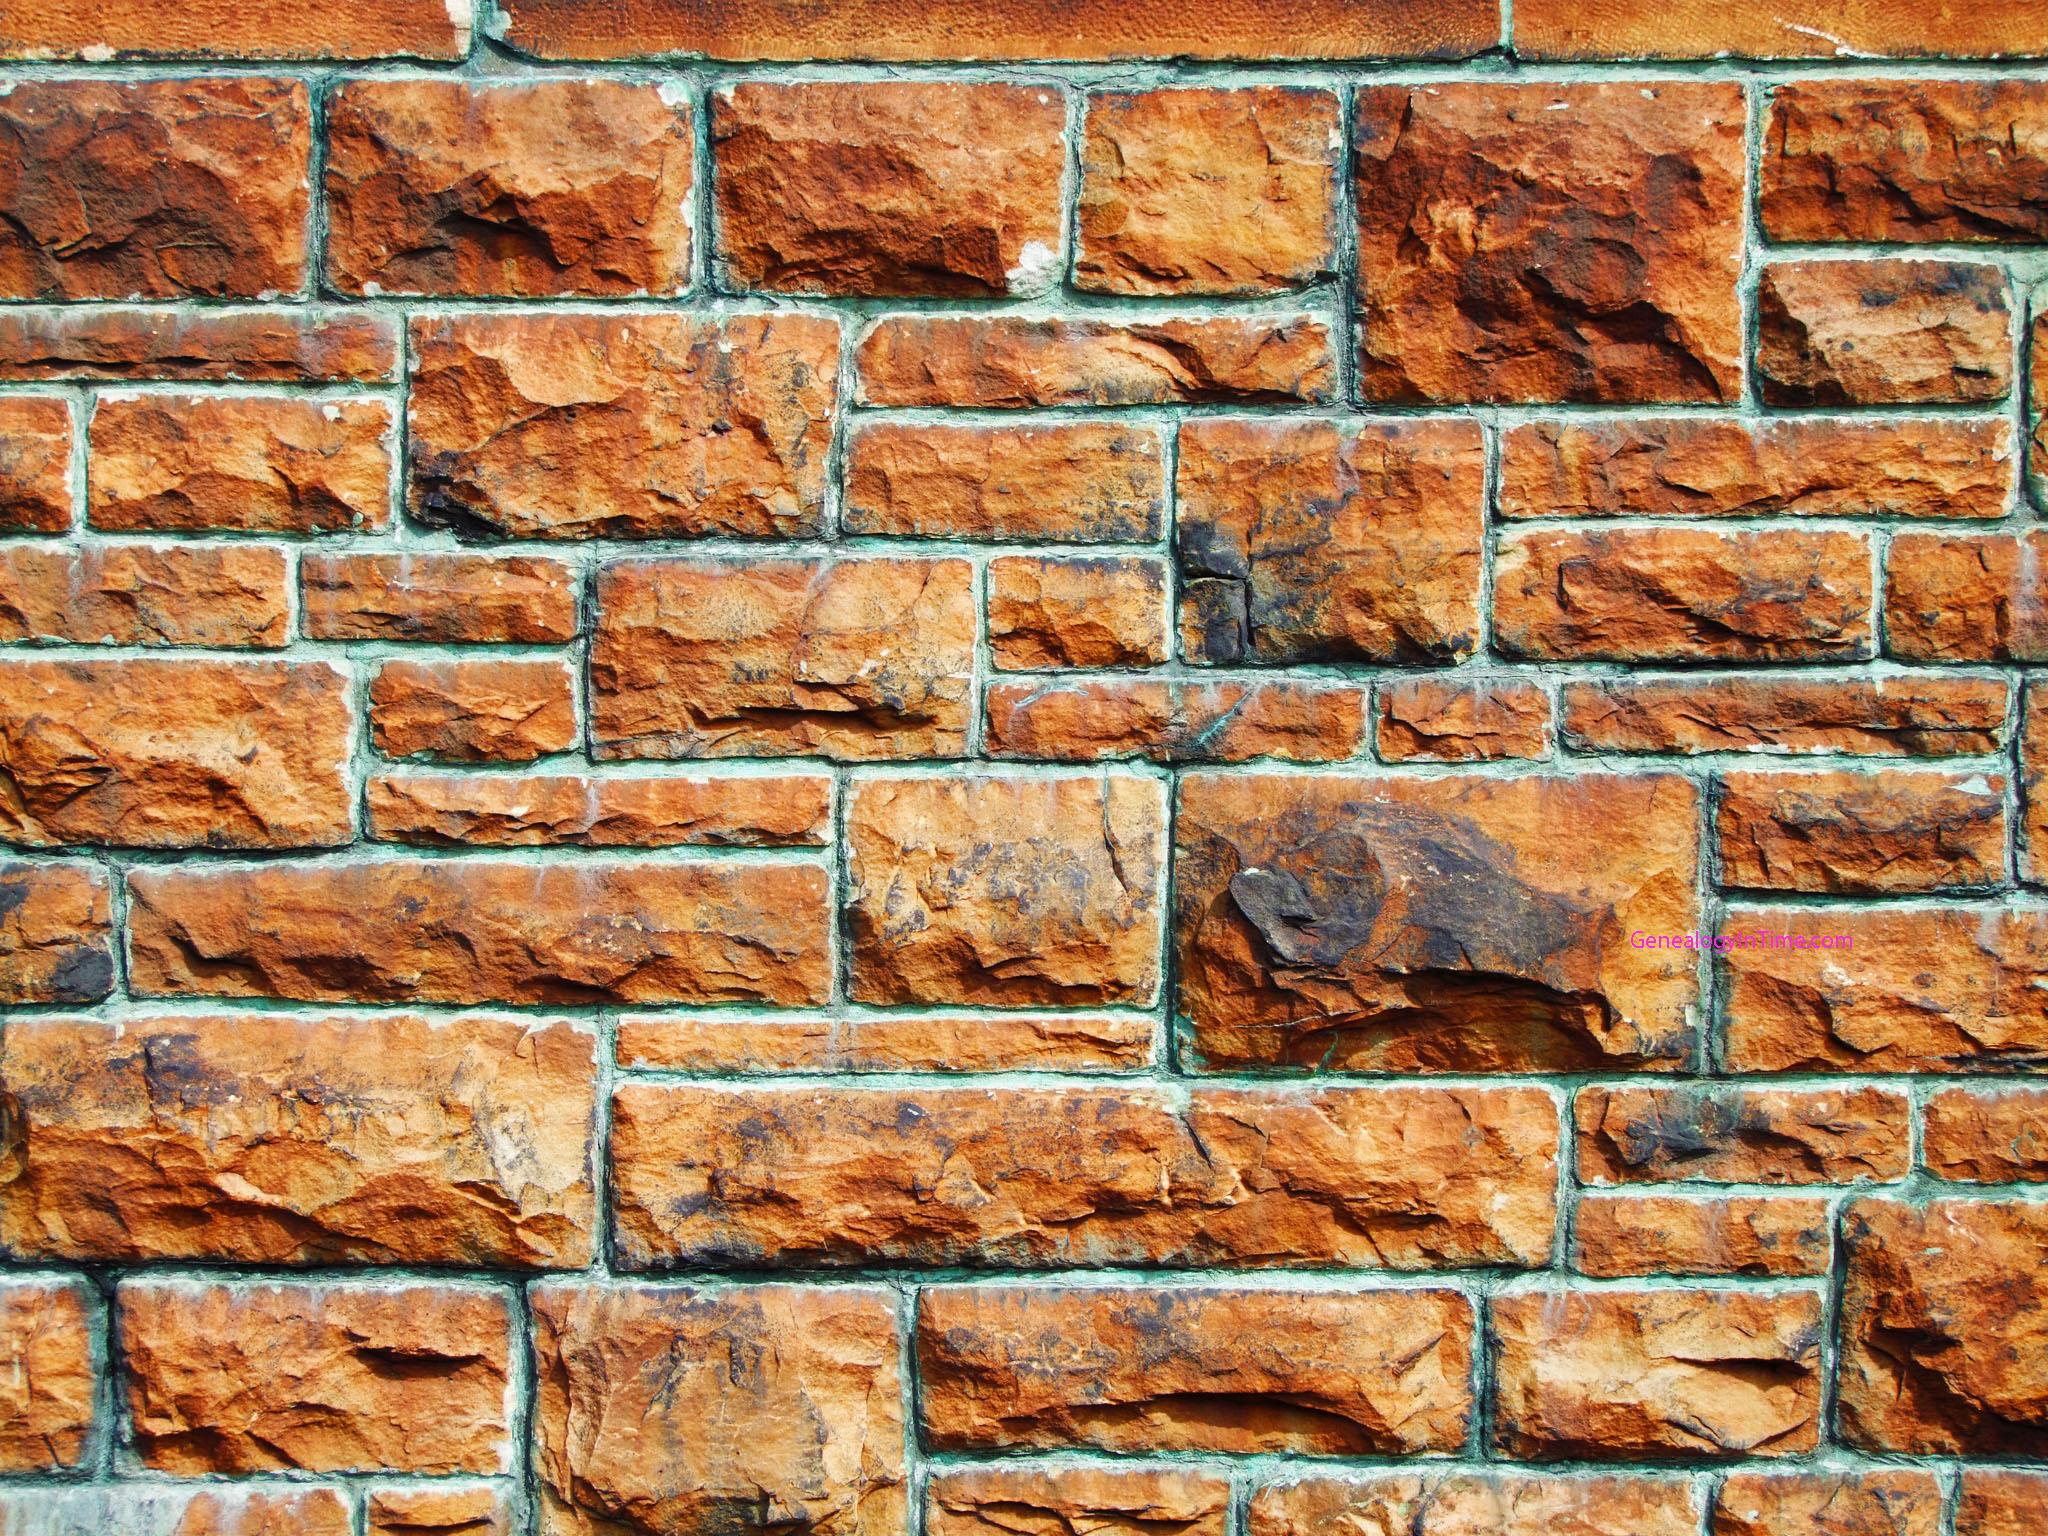 http://twistedblood.files.wordpress.com/2011/10/stone-wall.jpg